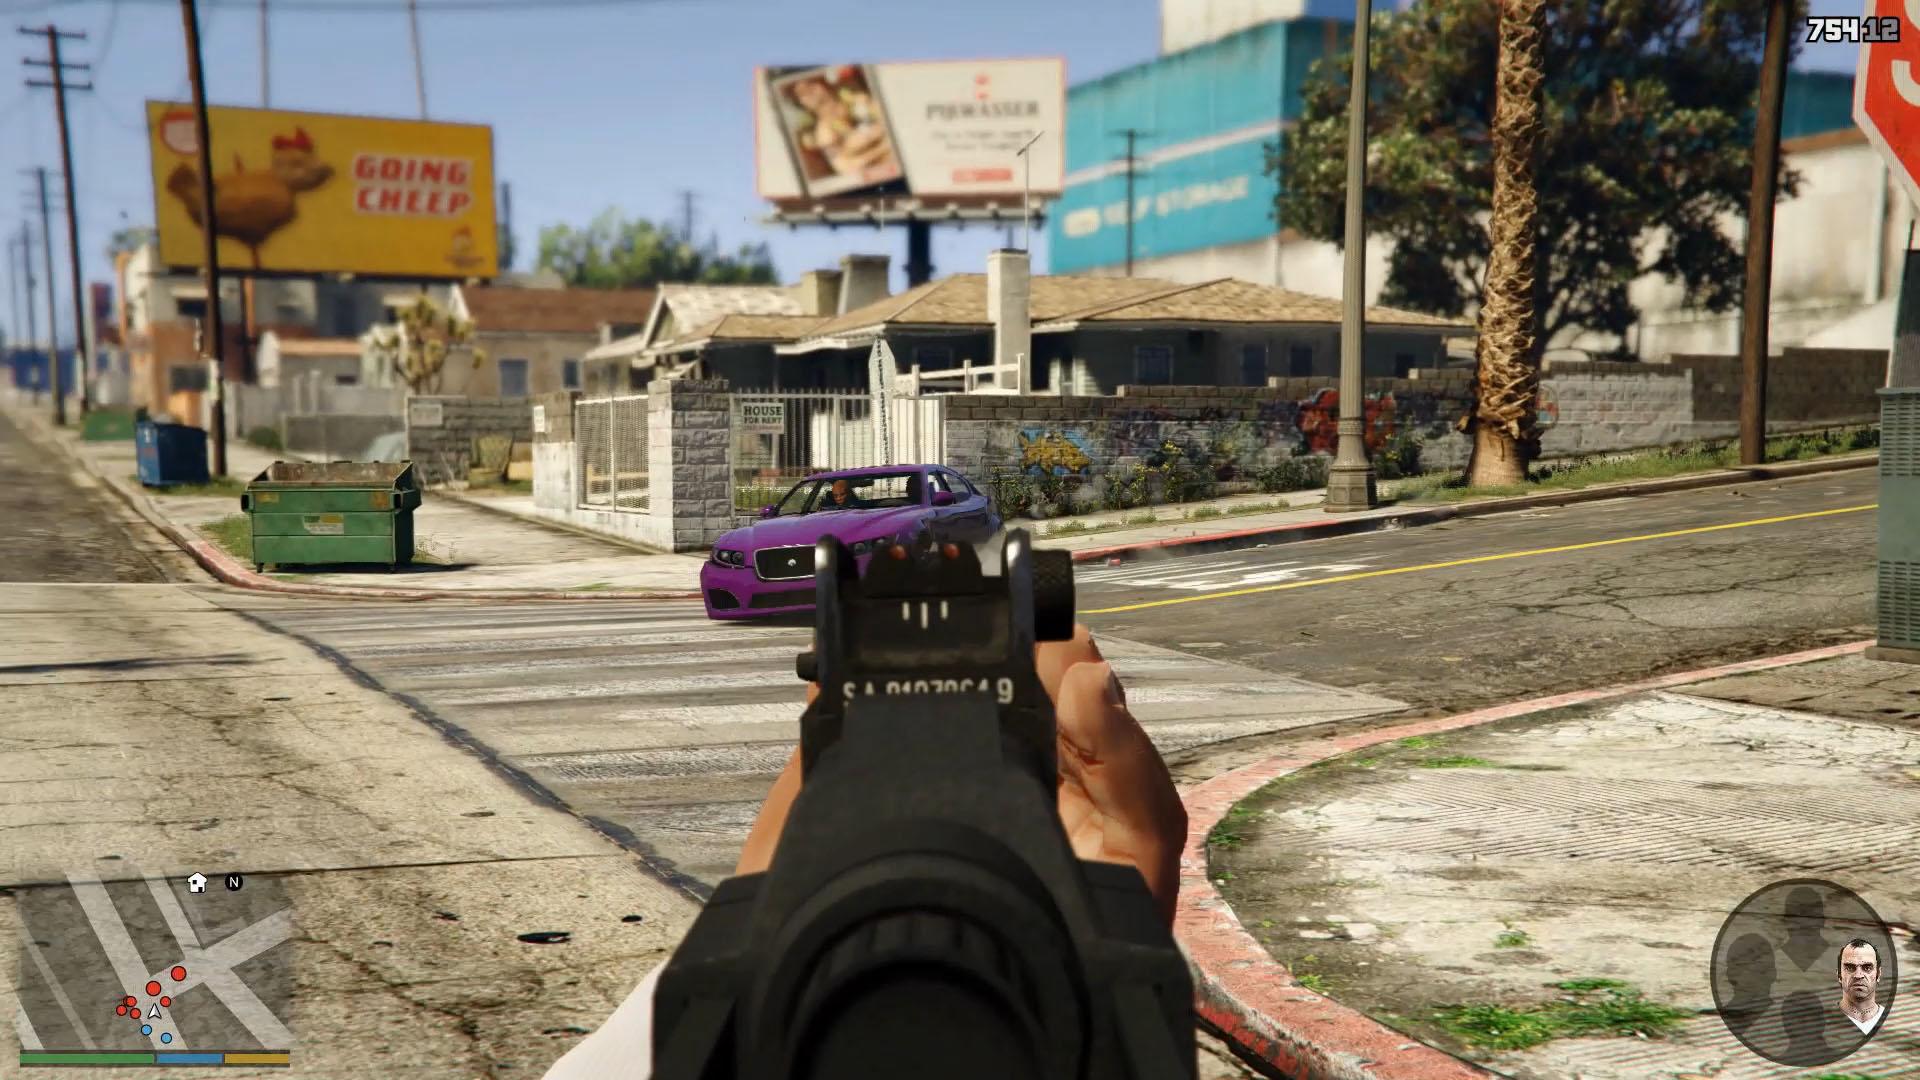 武器のモデリングは全て新規に作られたもの。1人称視点は新しい「GTA」体験をもたらしてくれそうだ